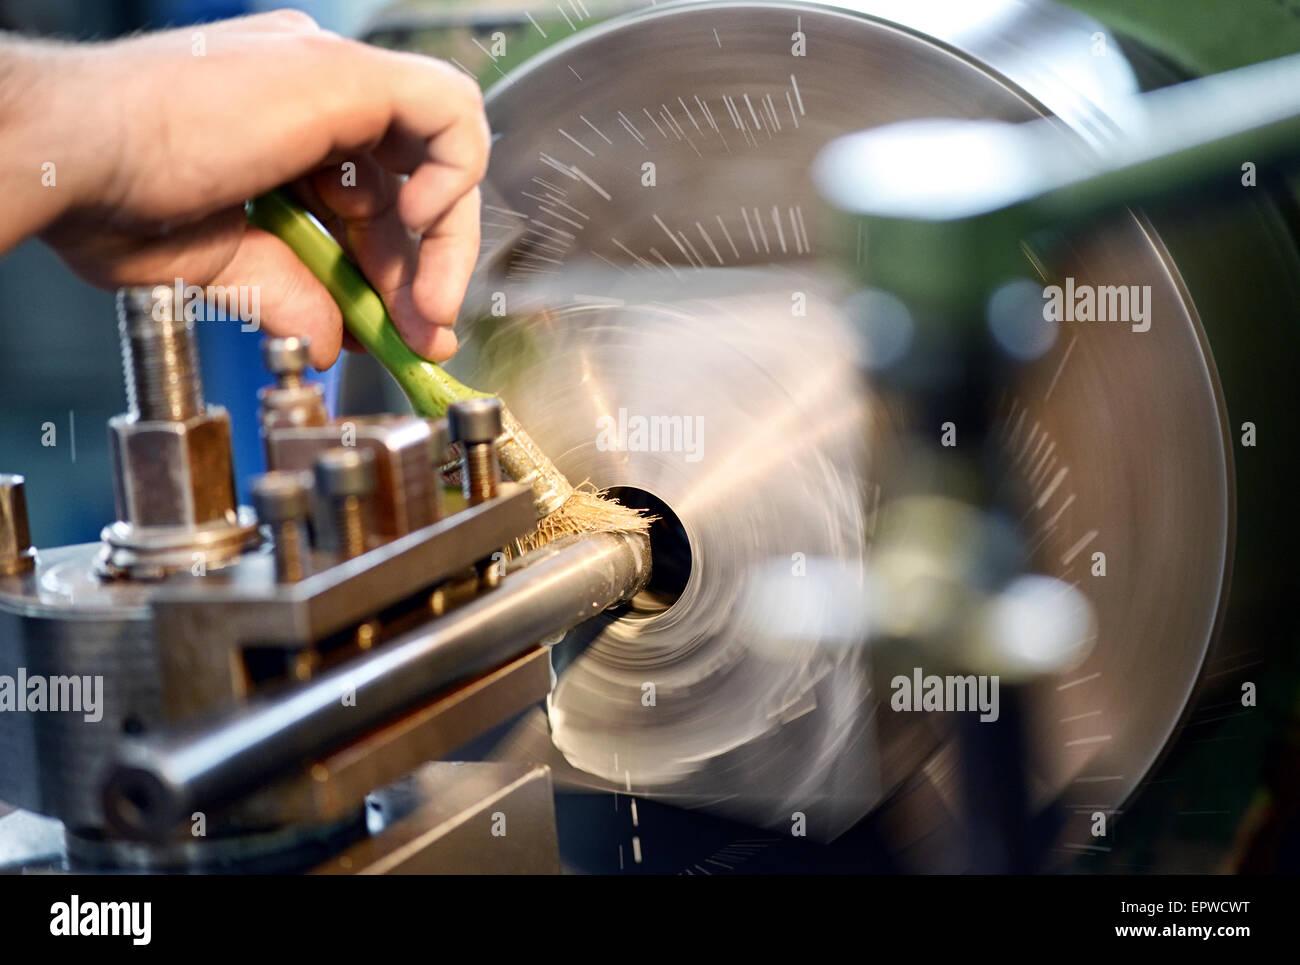 L'uomo immissione di olio lubrificante su un tornio in un'ingegneria o workshop industriali Immagini Stock